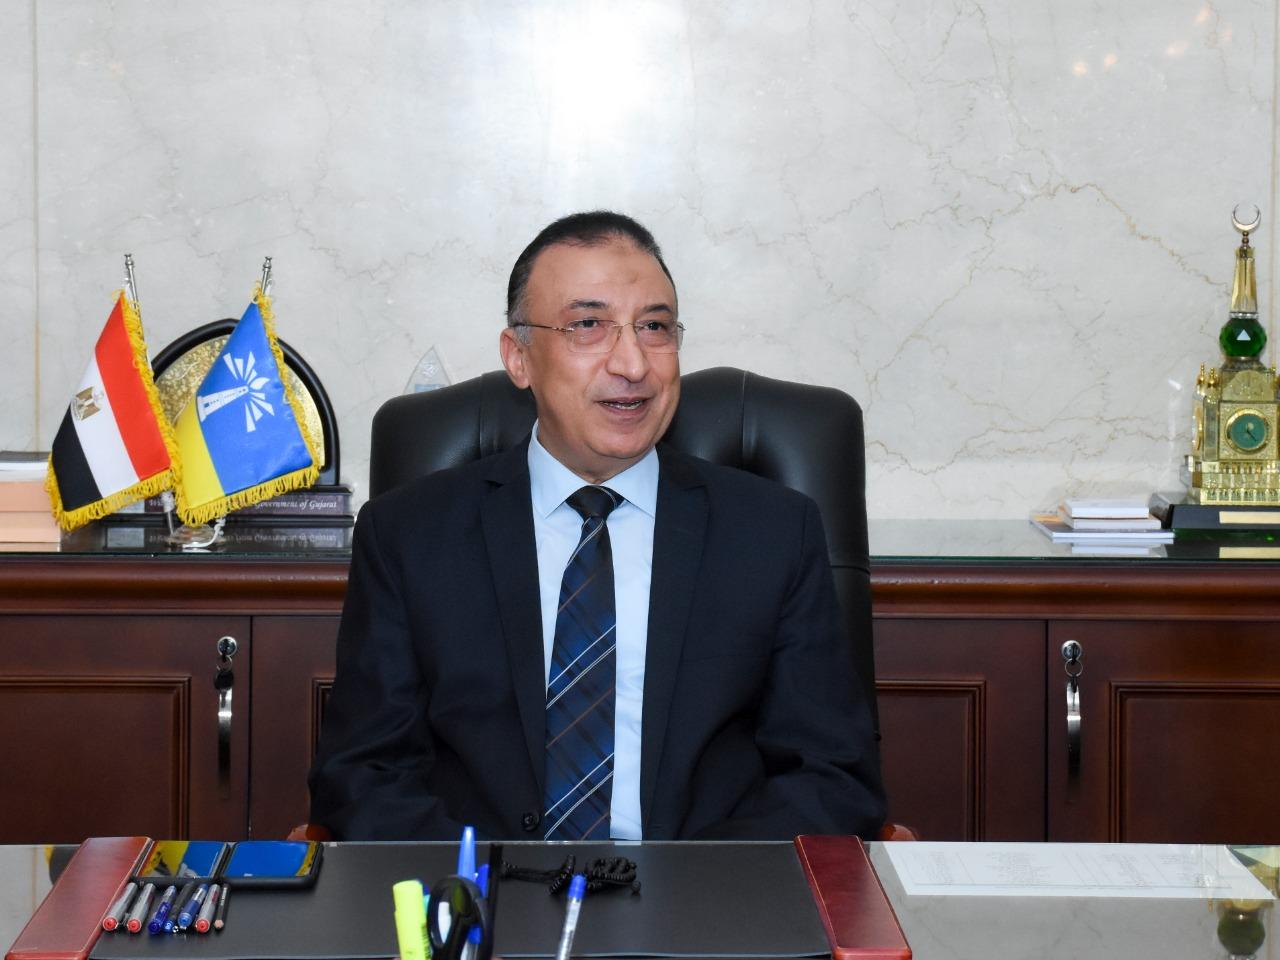 محمد الشريف، محافظ الاسكندرية